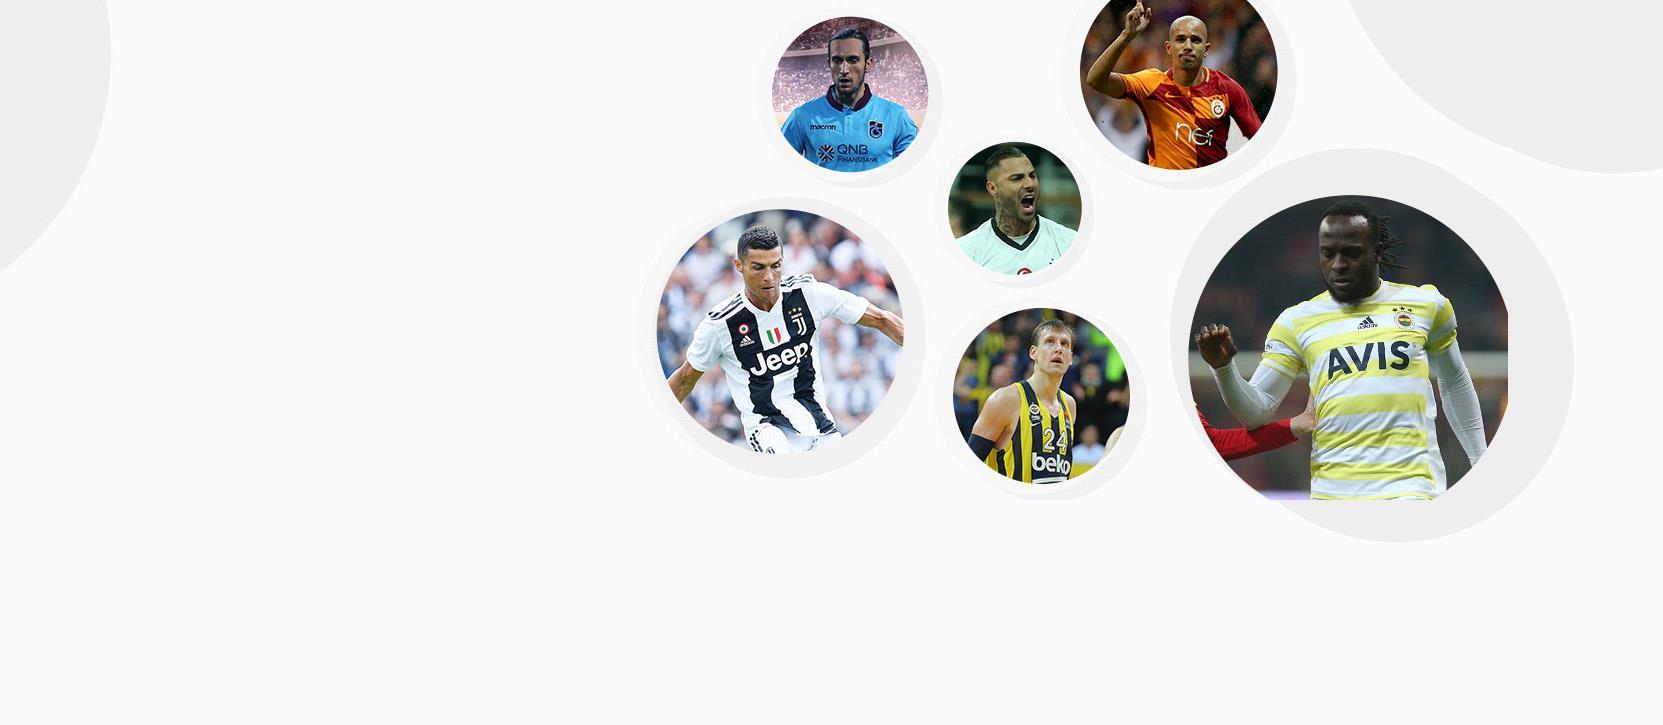 Sporun yıldızları  Digiturk'te!